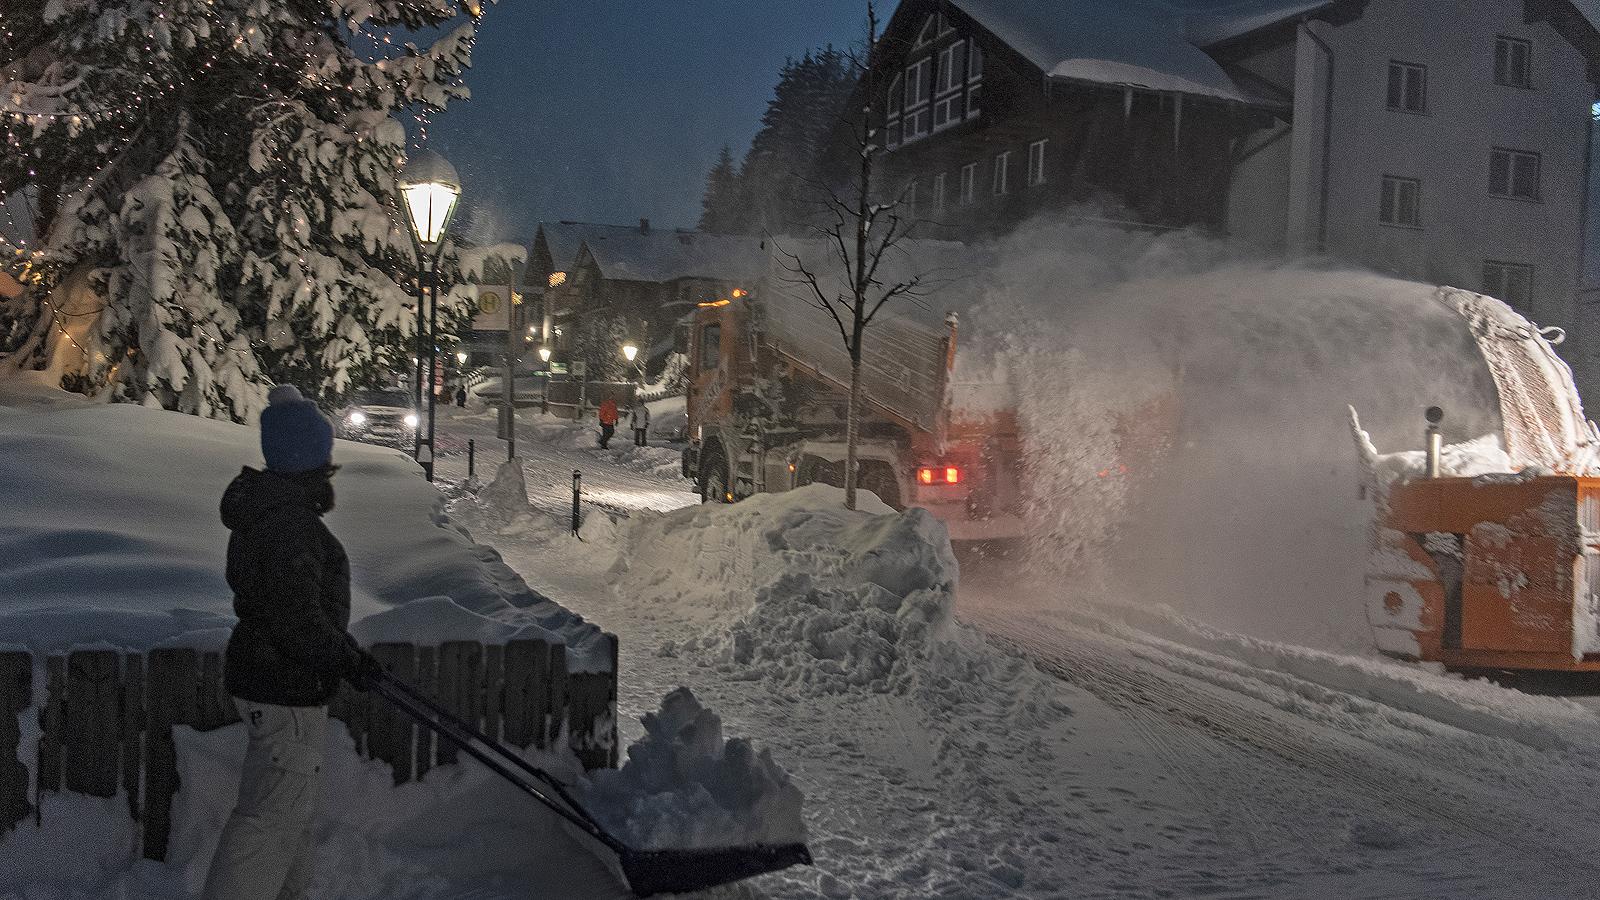 Около три метра сняг е паднал в австрийския курорт Санкт Антон Ам Арлберг в последните няколко дни и допълнителен метър сняг се очаква да падне в близките, споделиха от Австрийската федерация.